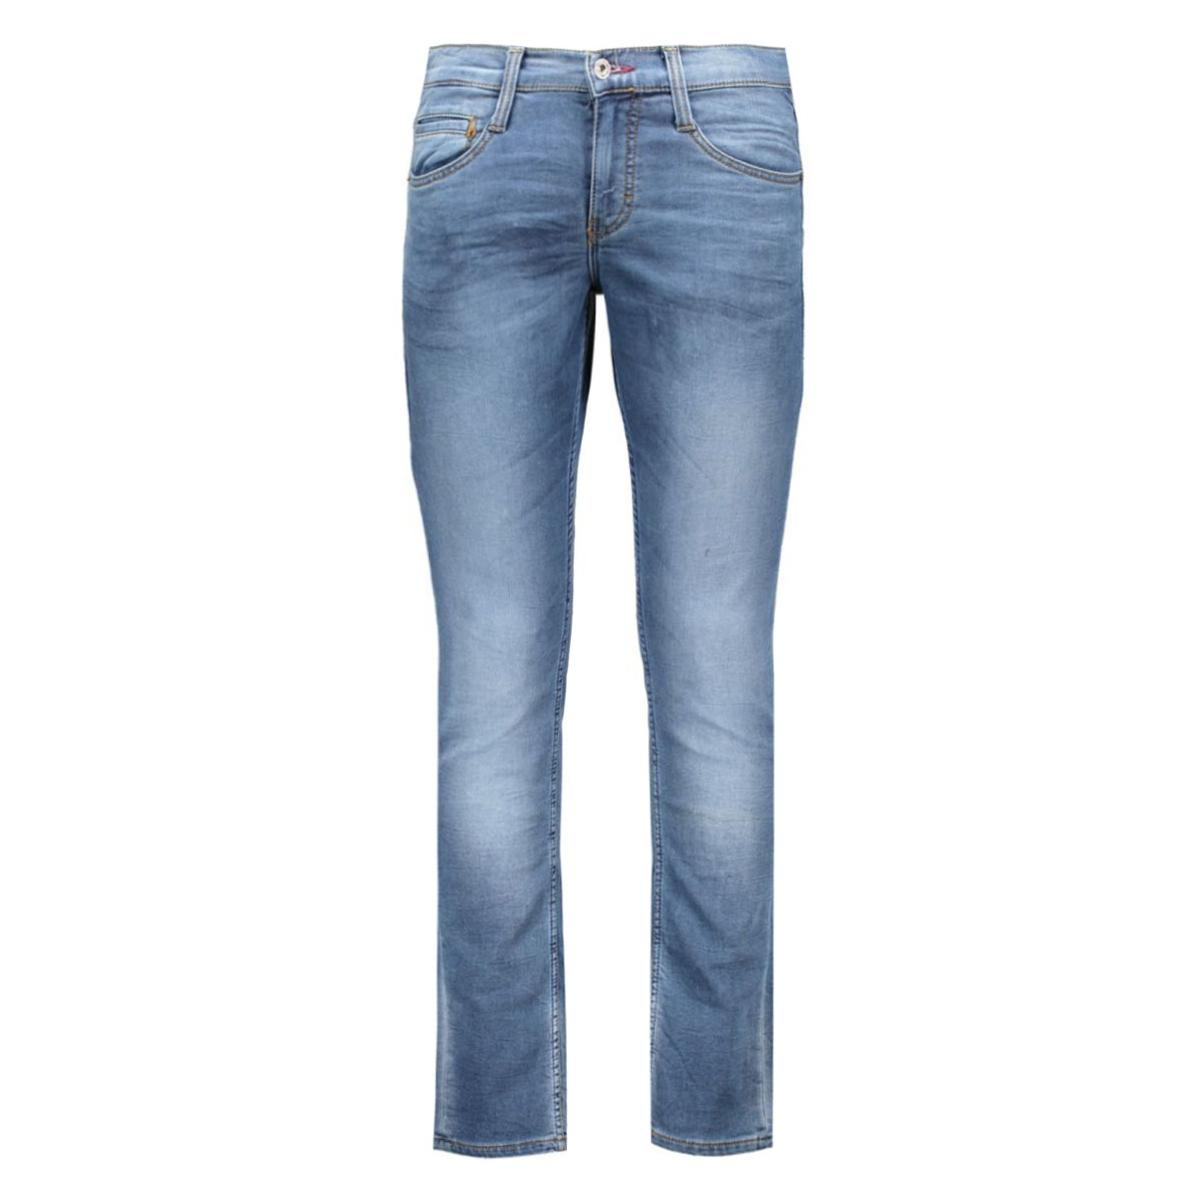 oregon tapered 5455 mustang jeans 586. Black Bedroom Furniture Sets. Home Design Ideas